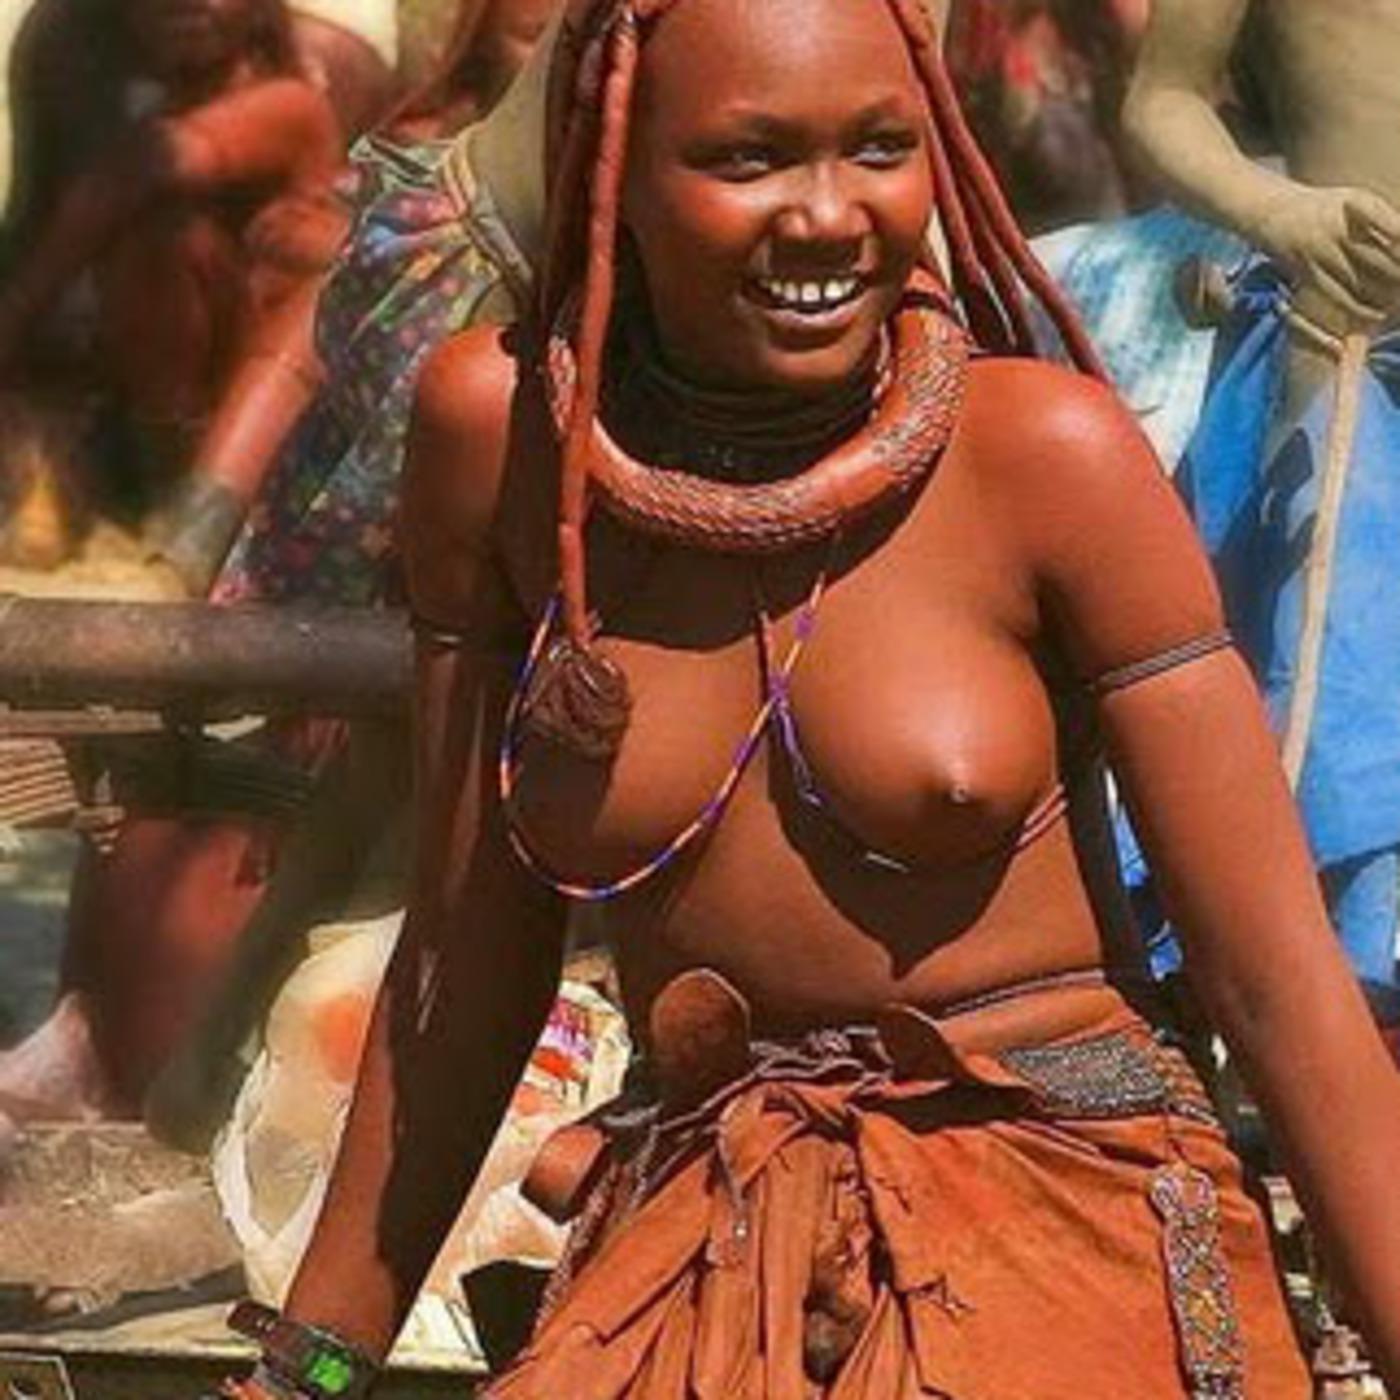 порно онлайн в племенах африки